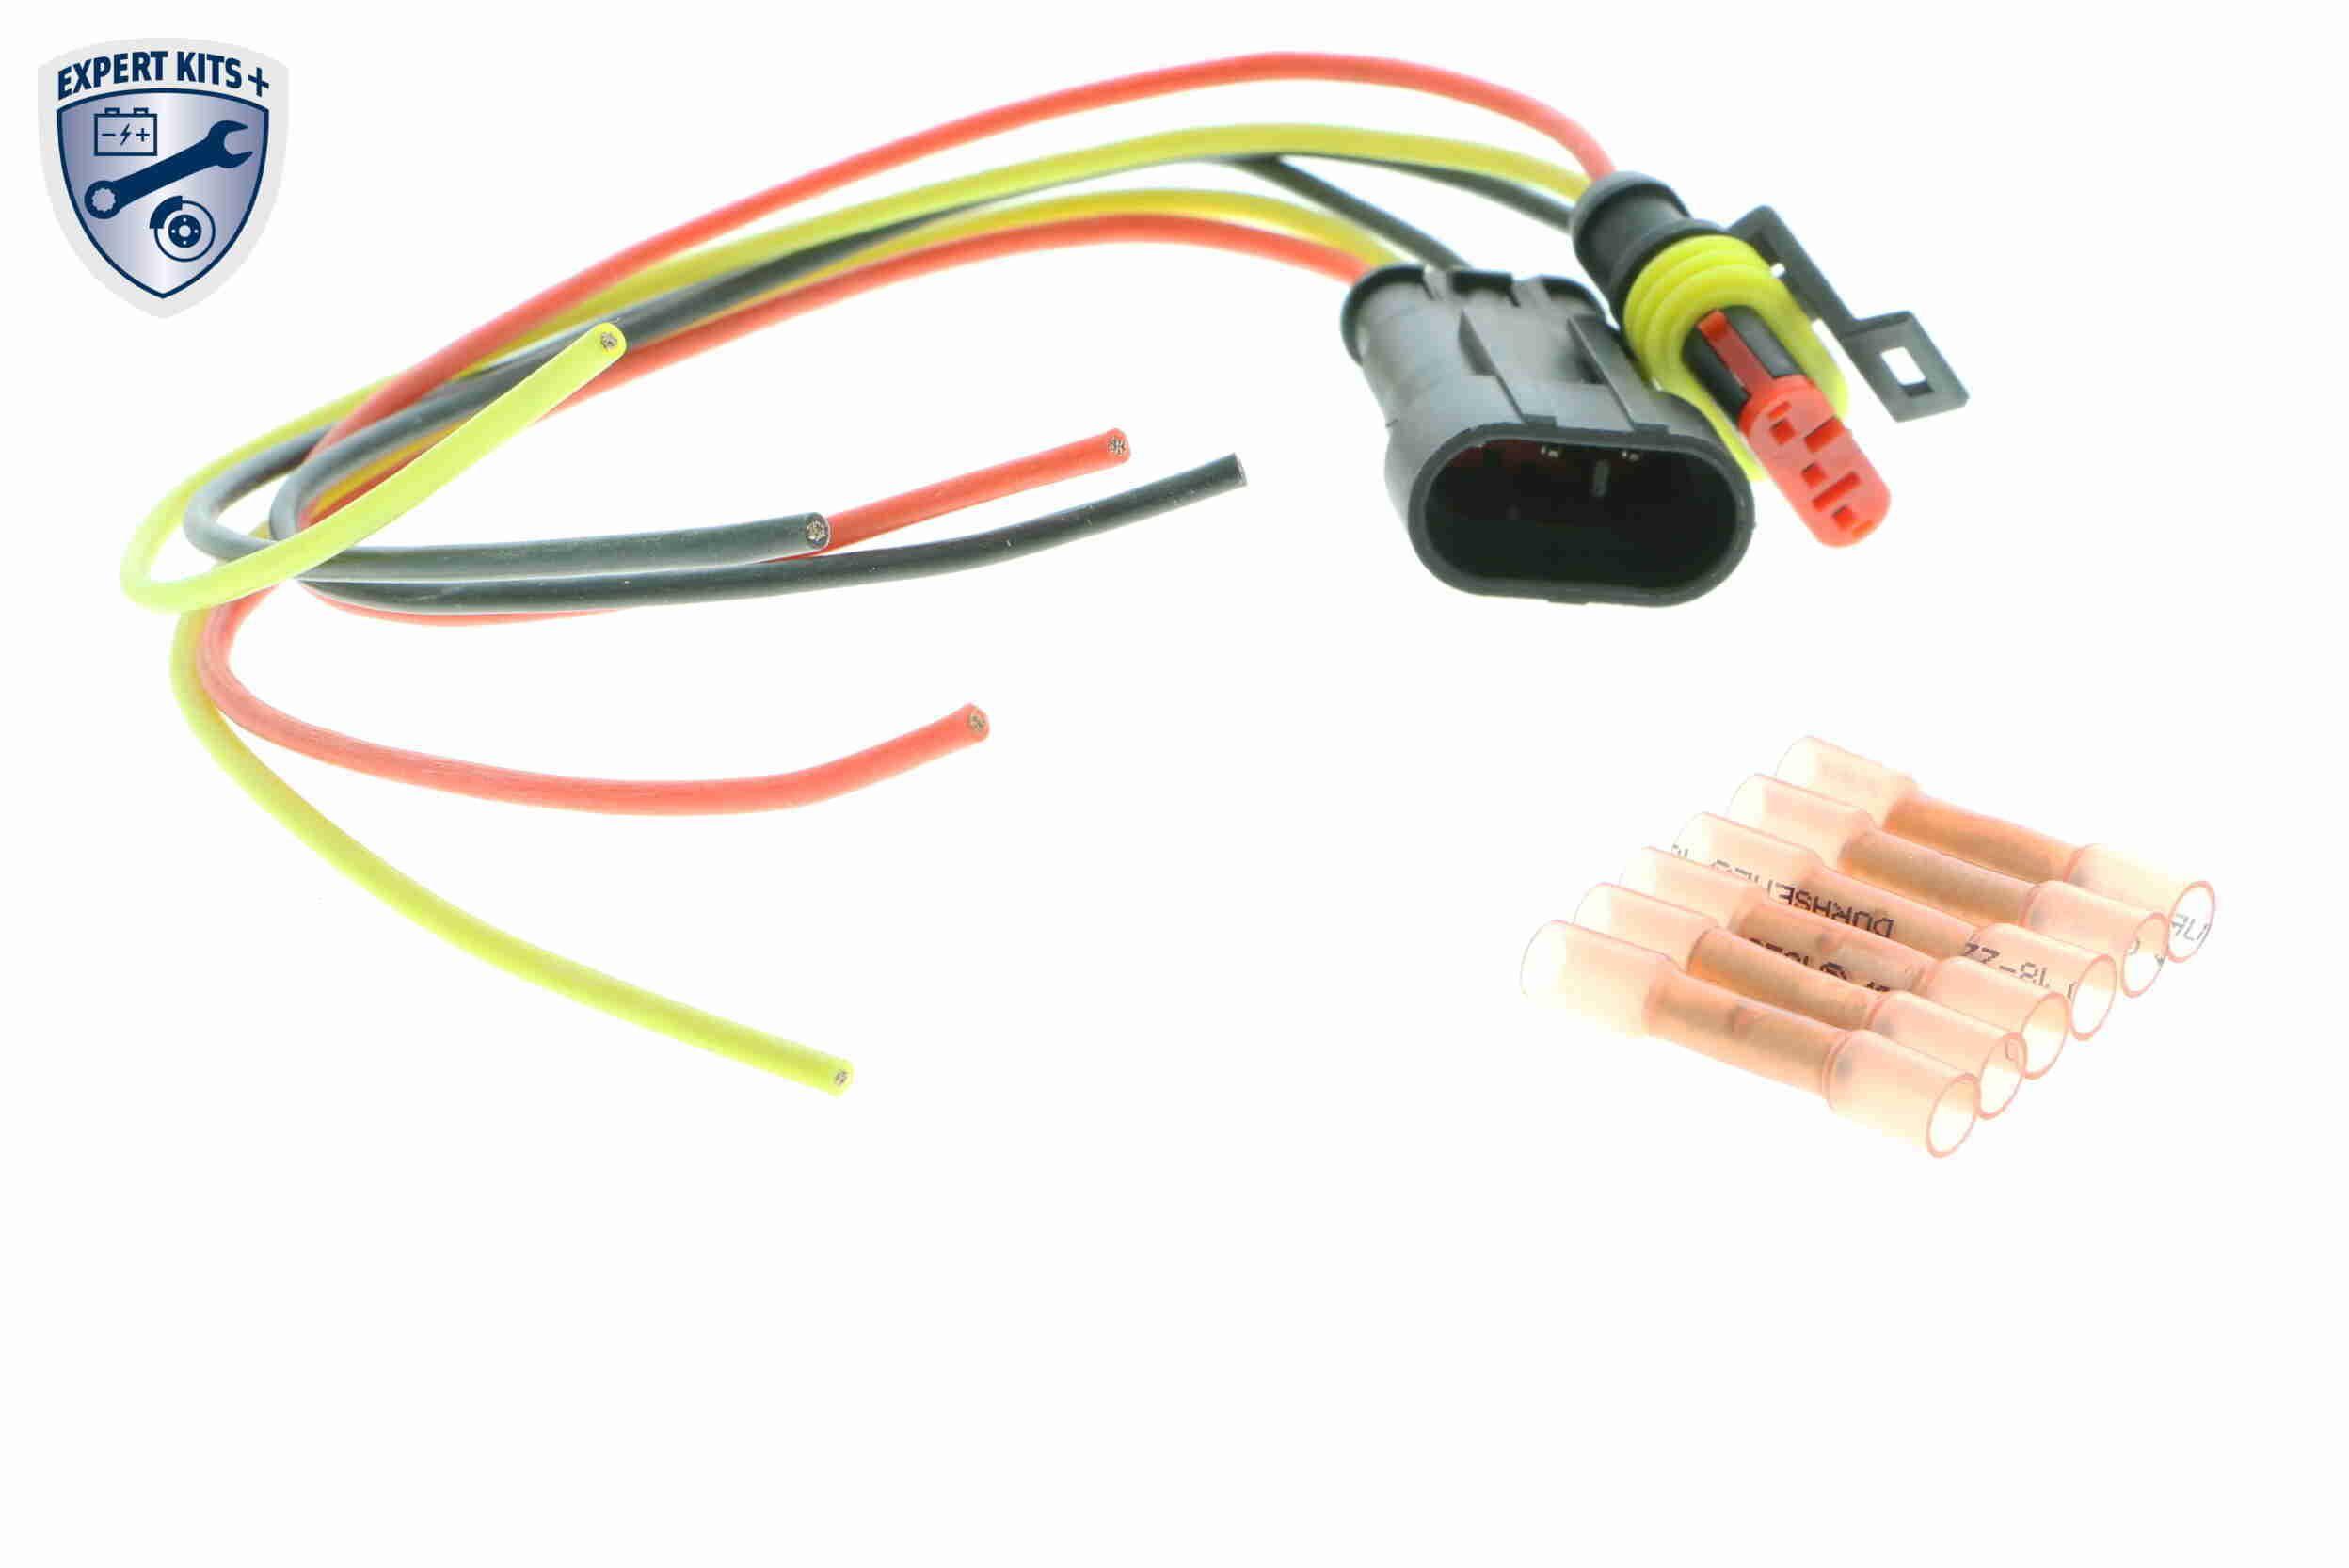 Kit de reparación cables VEMO V99-83-0010 Opiniones